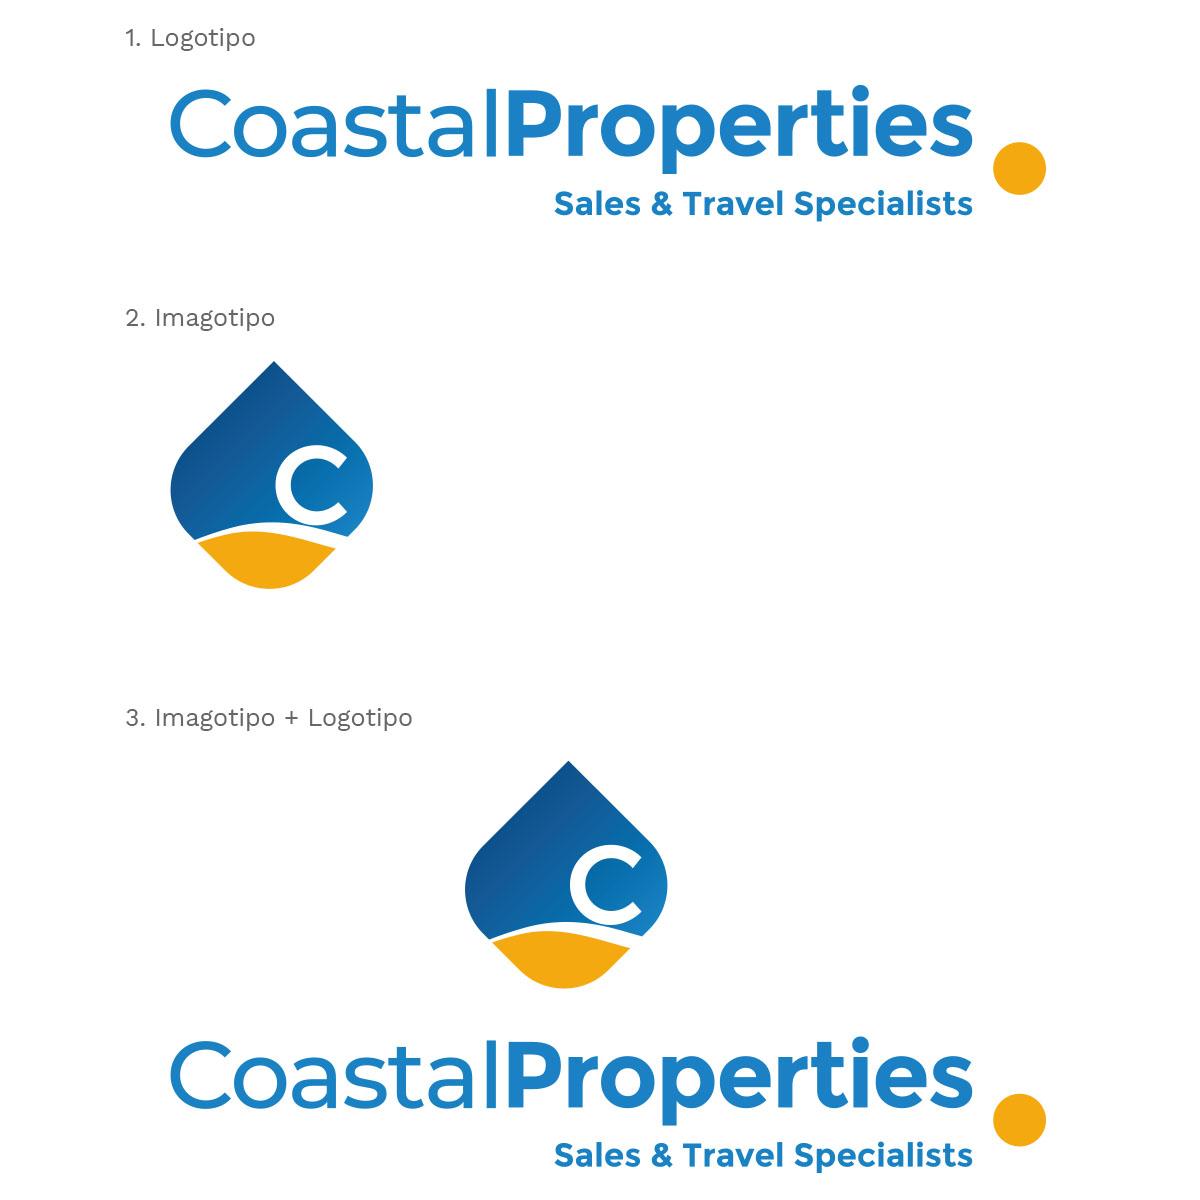 Diseño Logo Coastal Properties por Estudio Situación Crítica